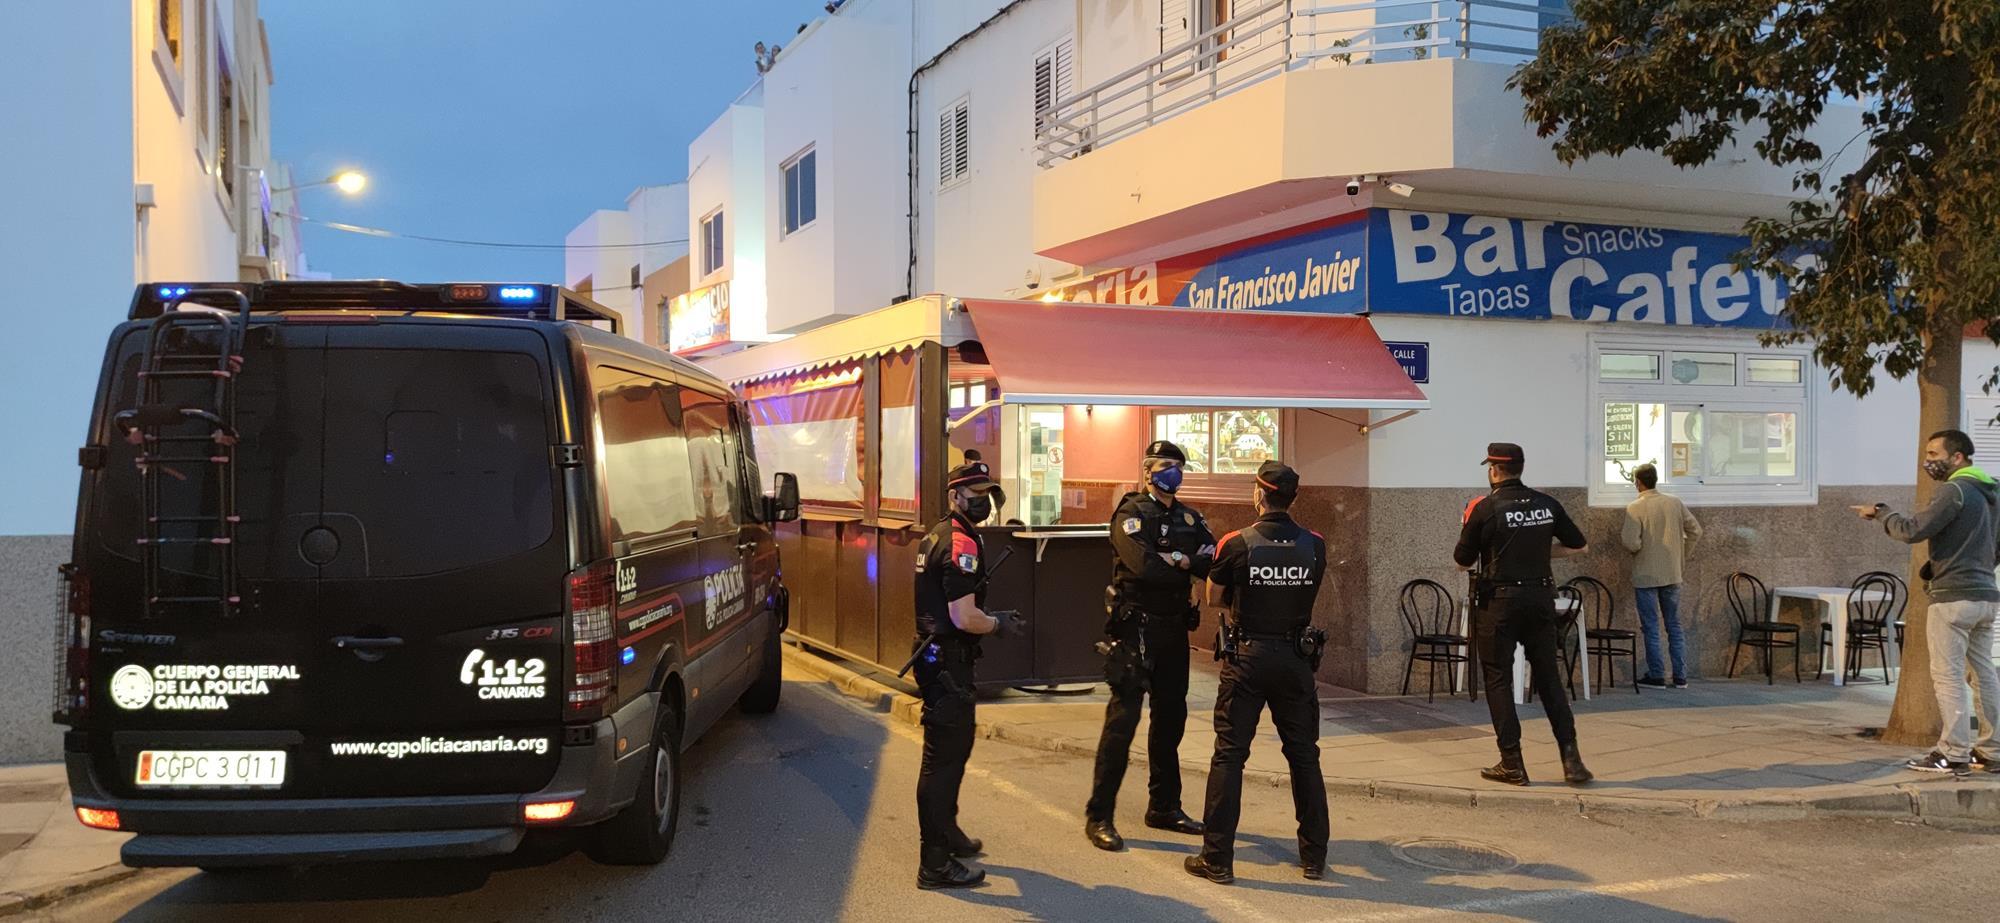 Cerca de cuarenta efectivos de la UME, militares del Ejército de Tierra y Policía Autonómica refuerzan el dispositivo de seguridad en Lanzarote